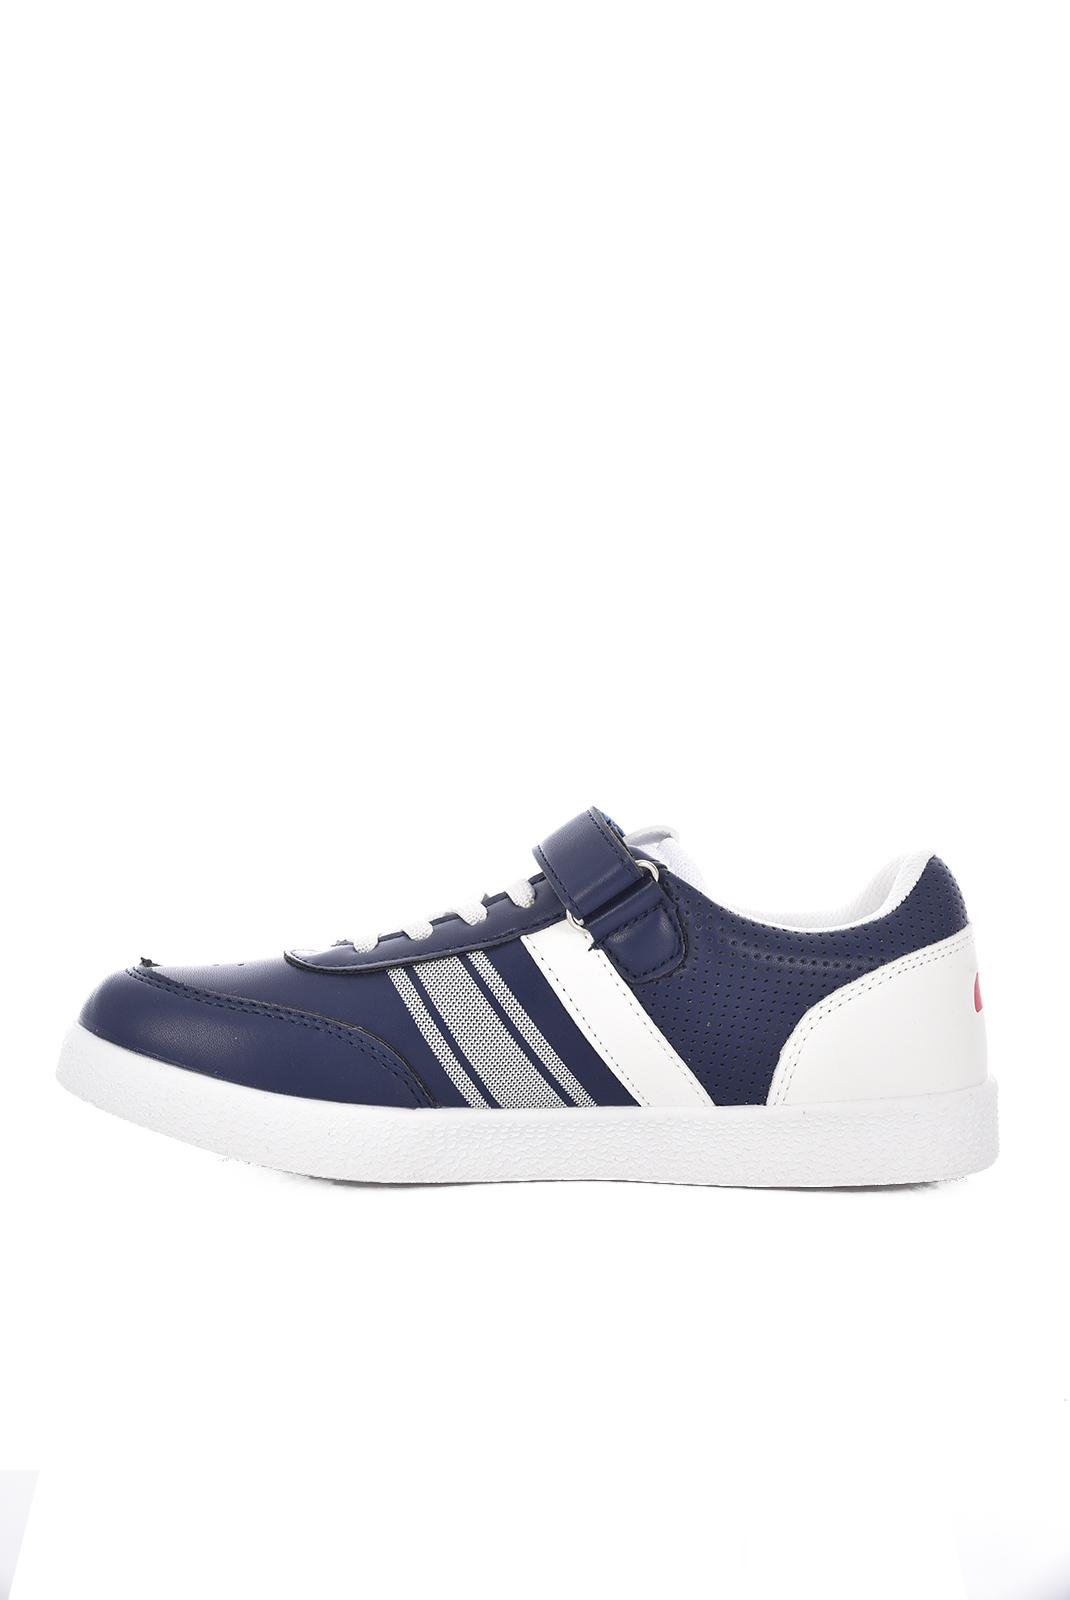 Chaussures  Ellesse EL916405 Figaro NAVY